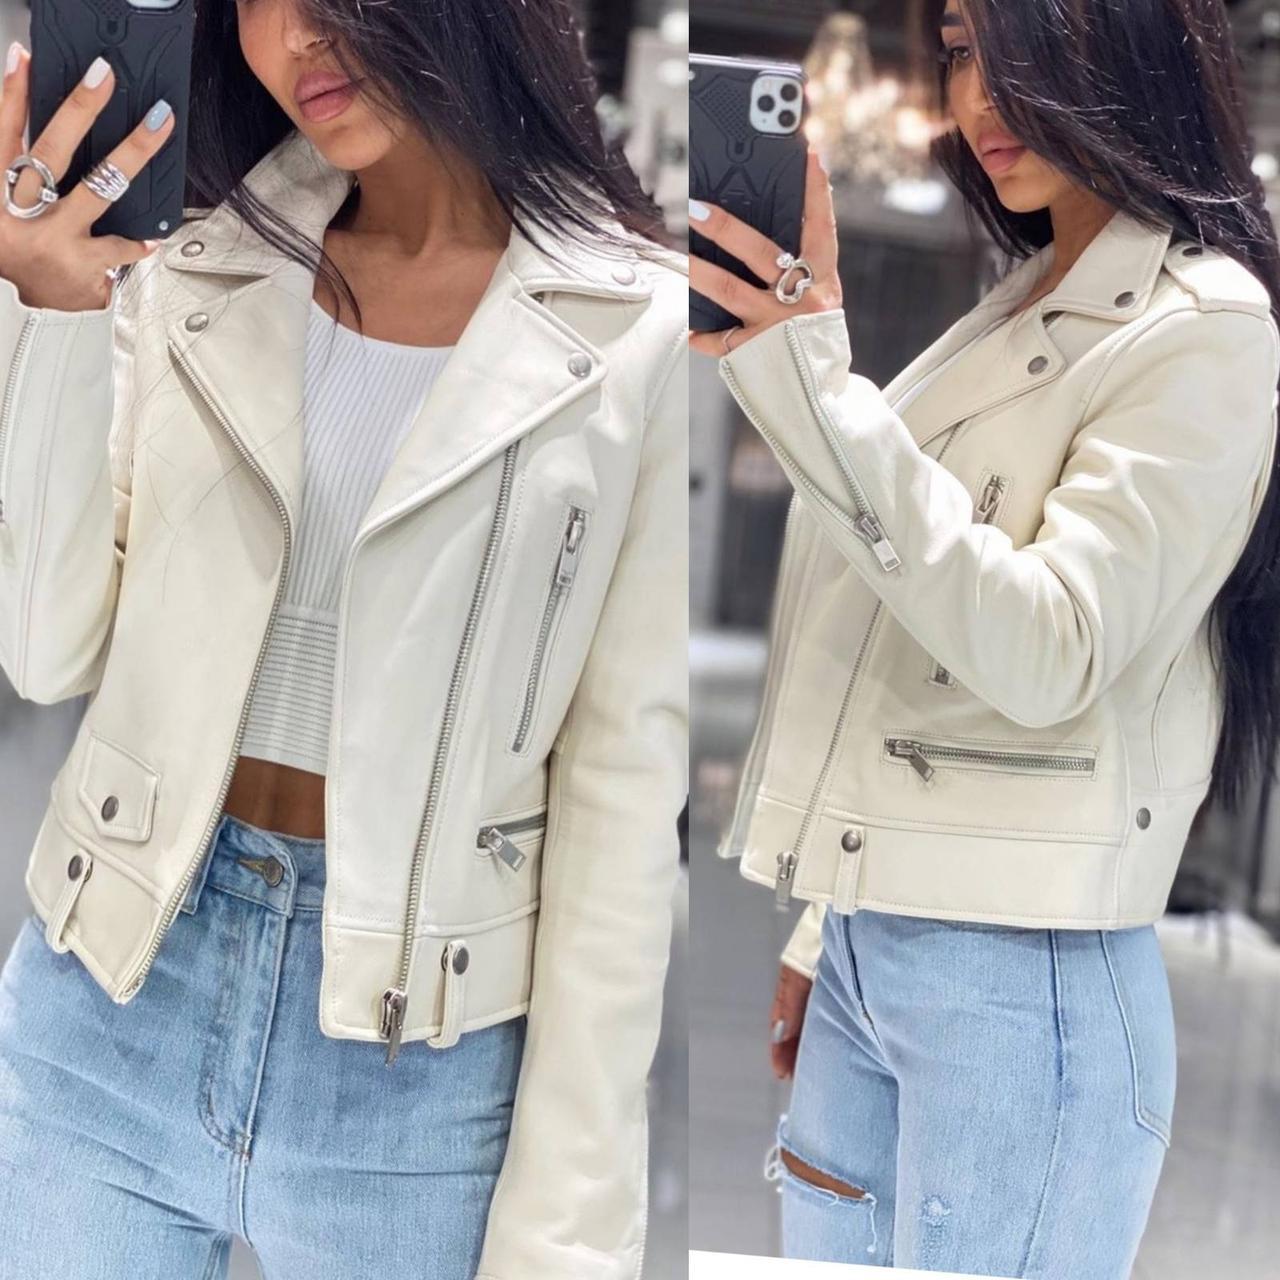 Женская косуха из экокожи, Короткая куртка косуха женская Кожзам, Женская красивая куртка косуха экокожа,